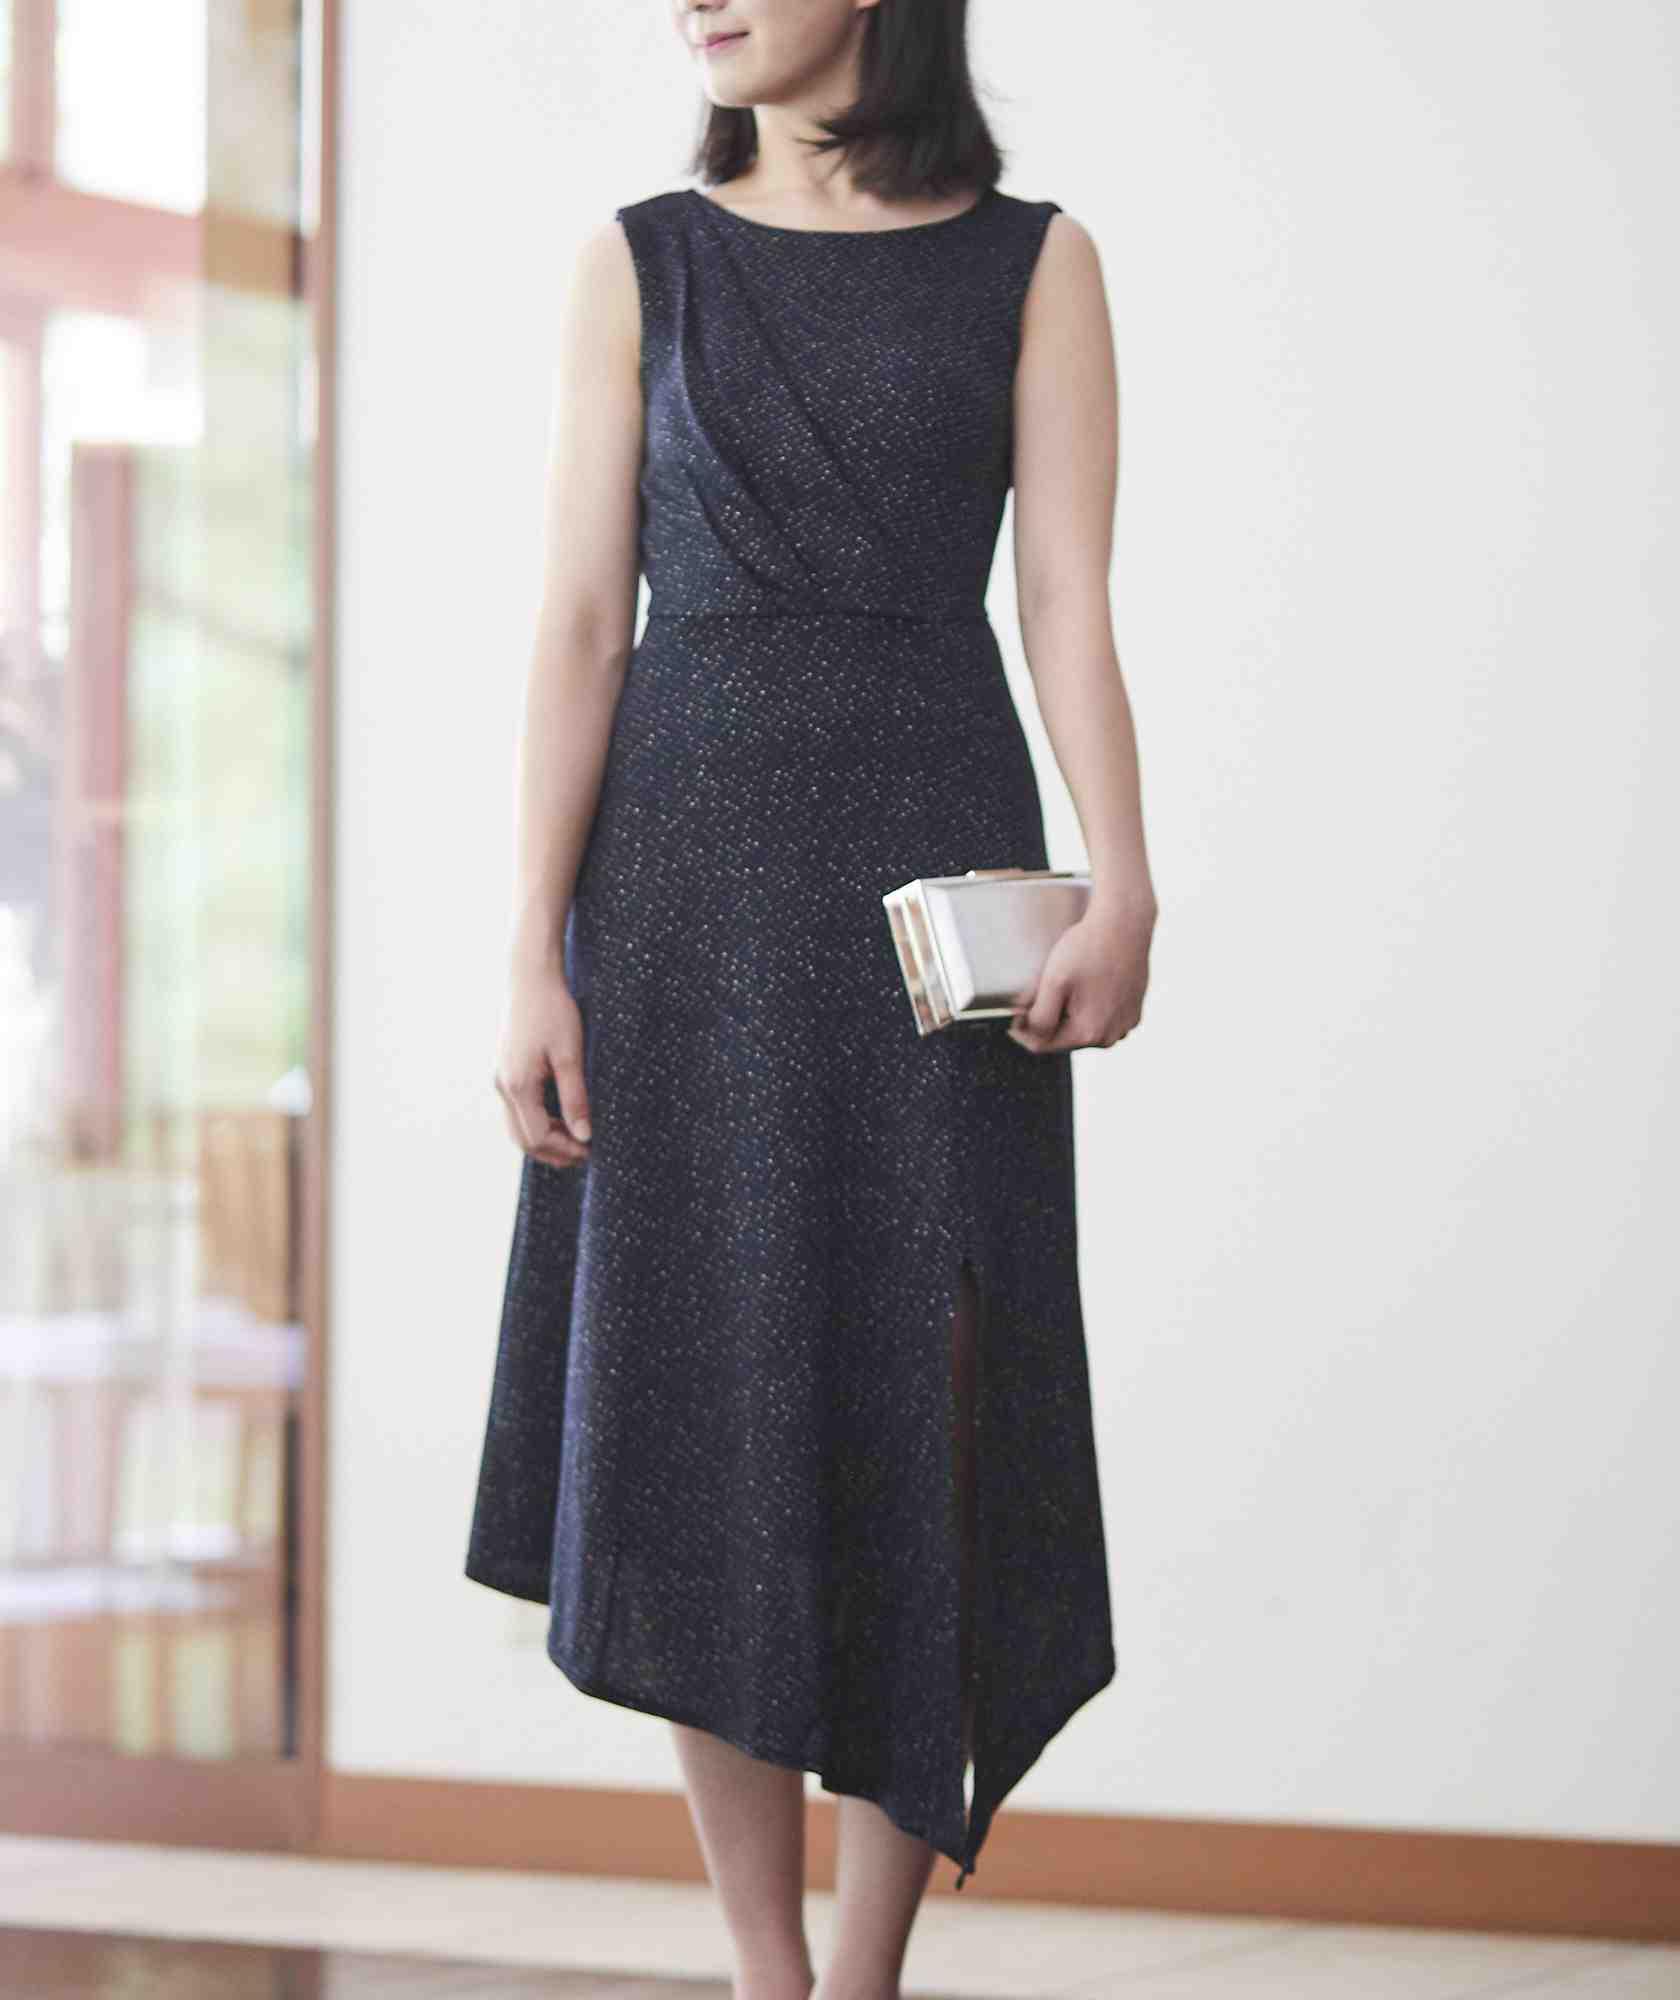 ゴールドラメアシンメトリーミディアムドレス-ブラック-S-M